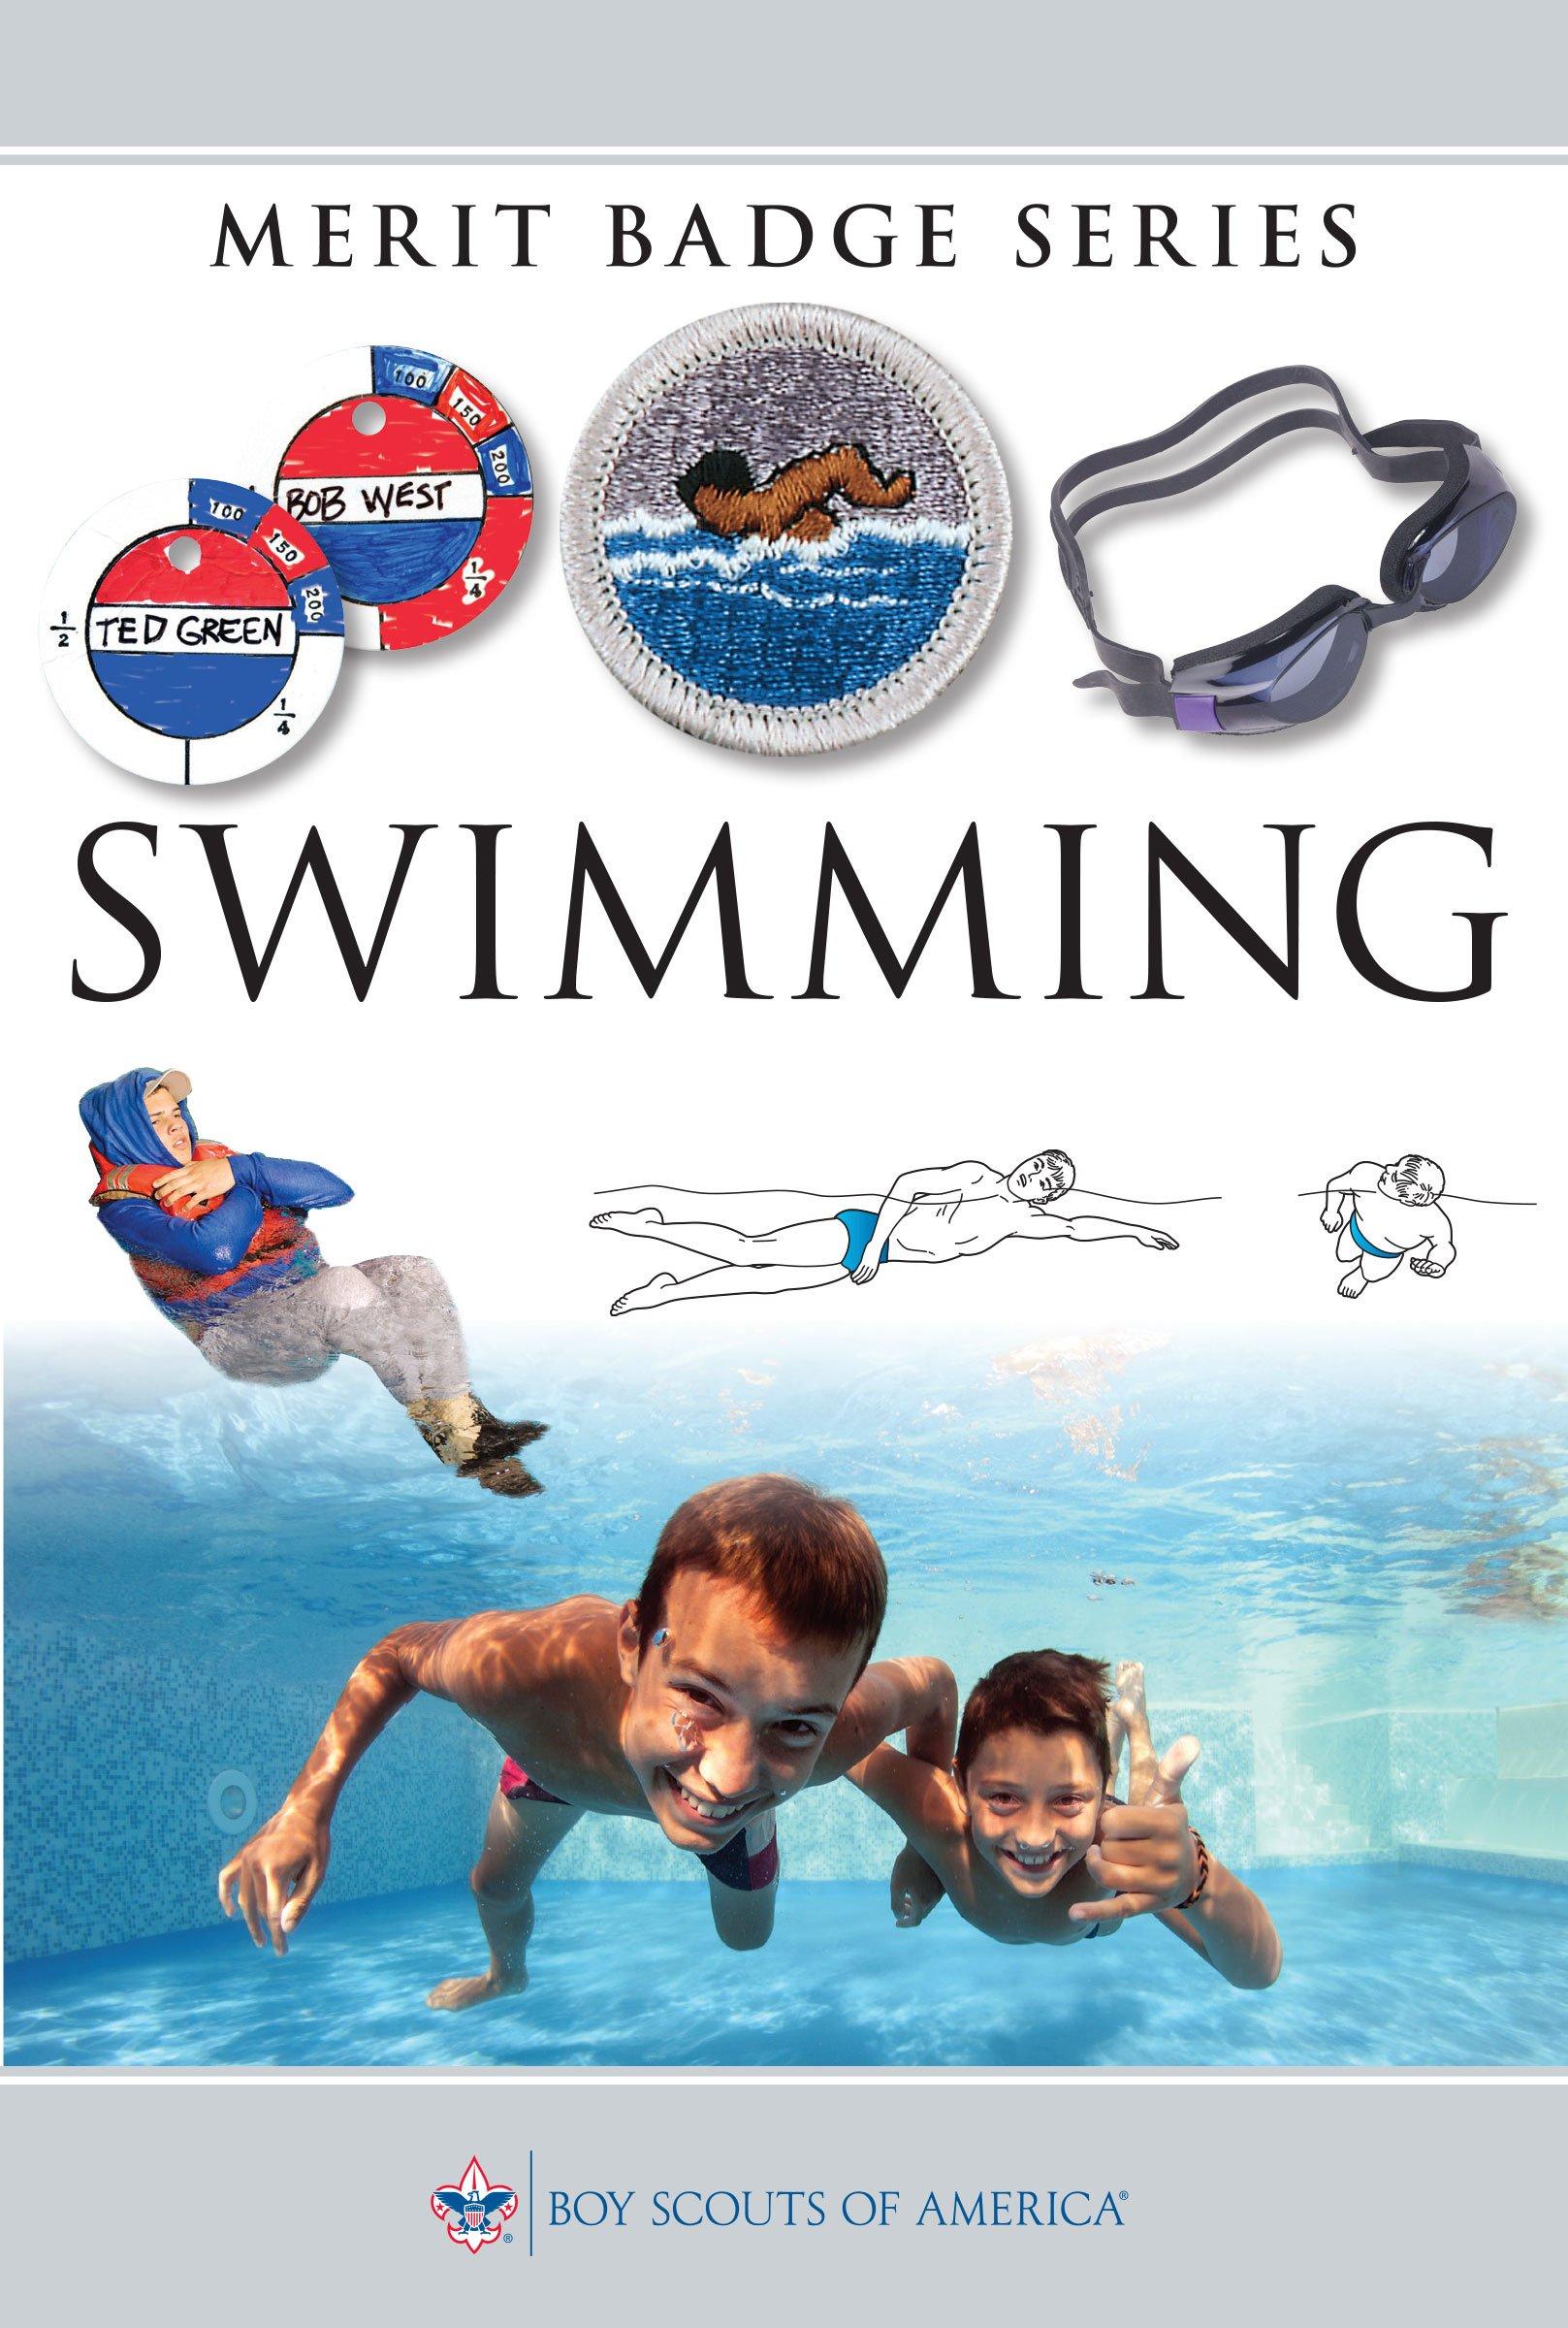 Lifesaving Merit Badge Swimming Merit Badge Series